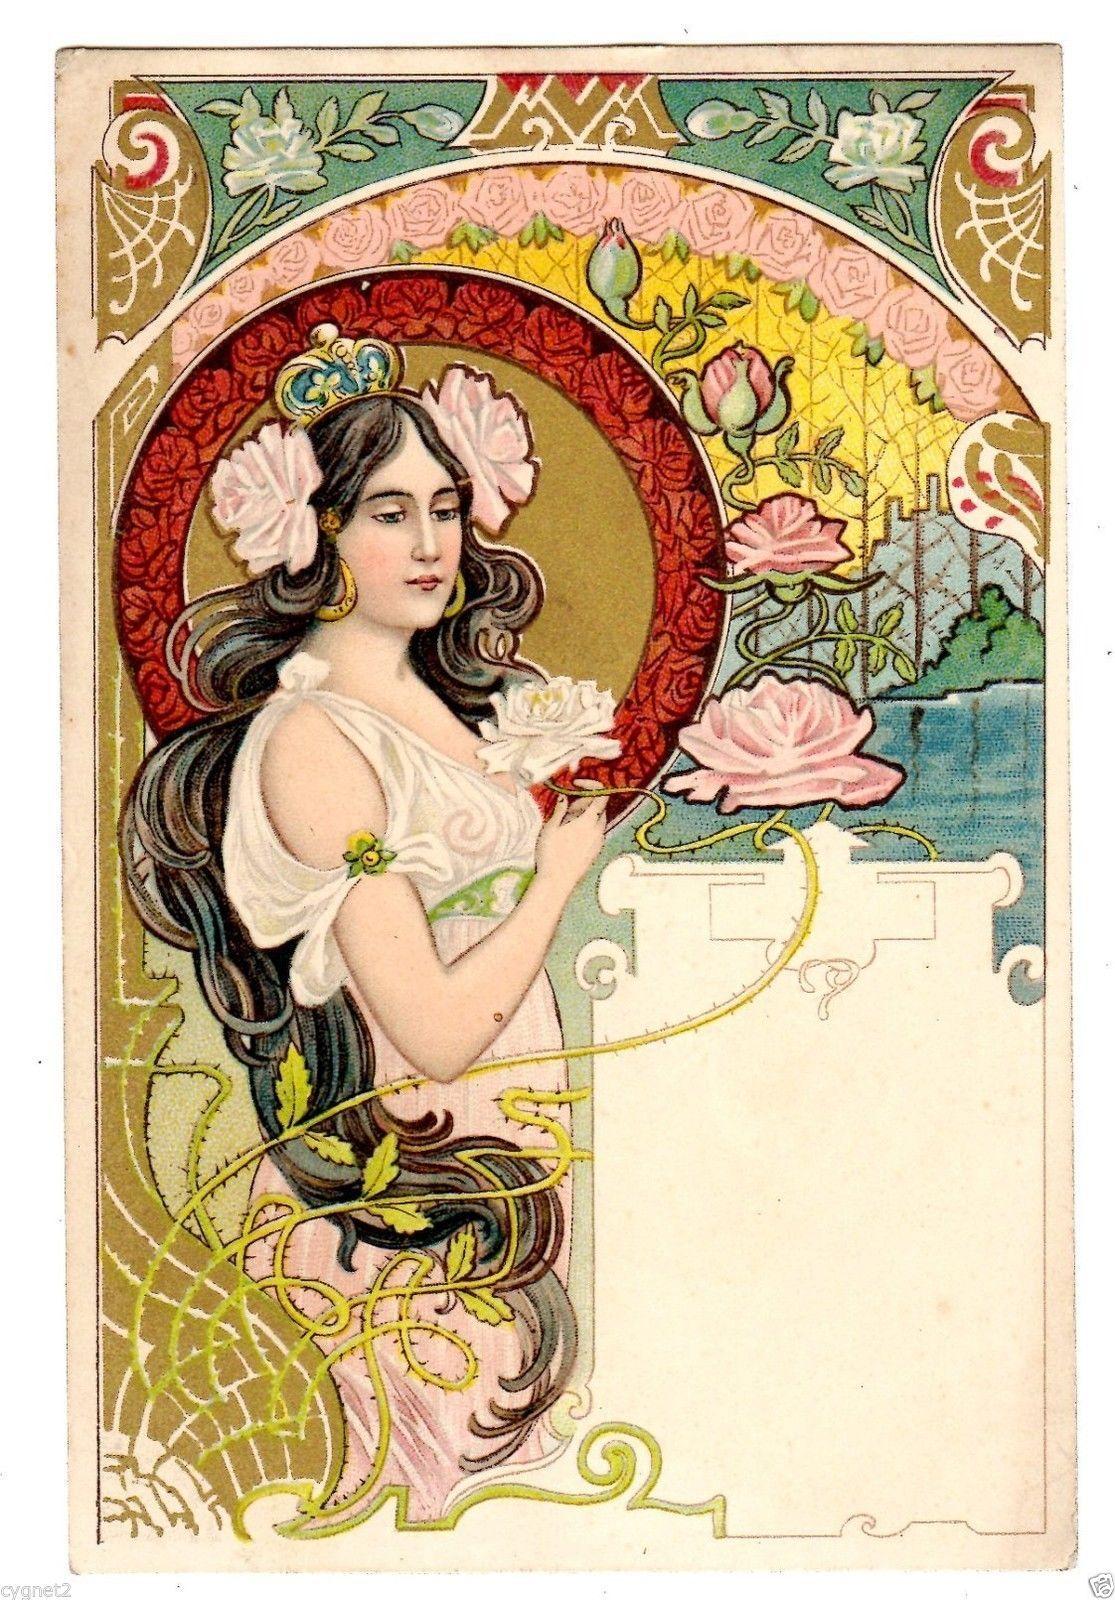 Postcard Art Nouveau Jugendstil Woman With Roses Ebay Art Nouveau Poster Art Nouveau Illustration Art Nouveau